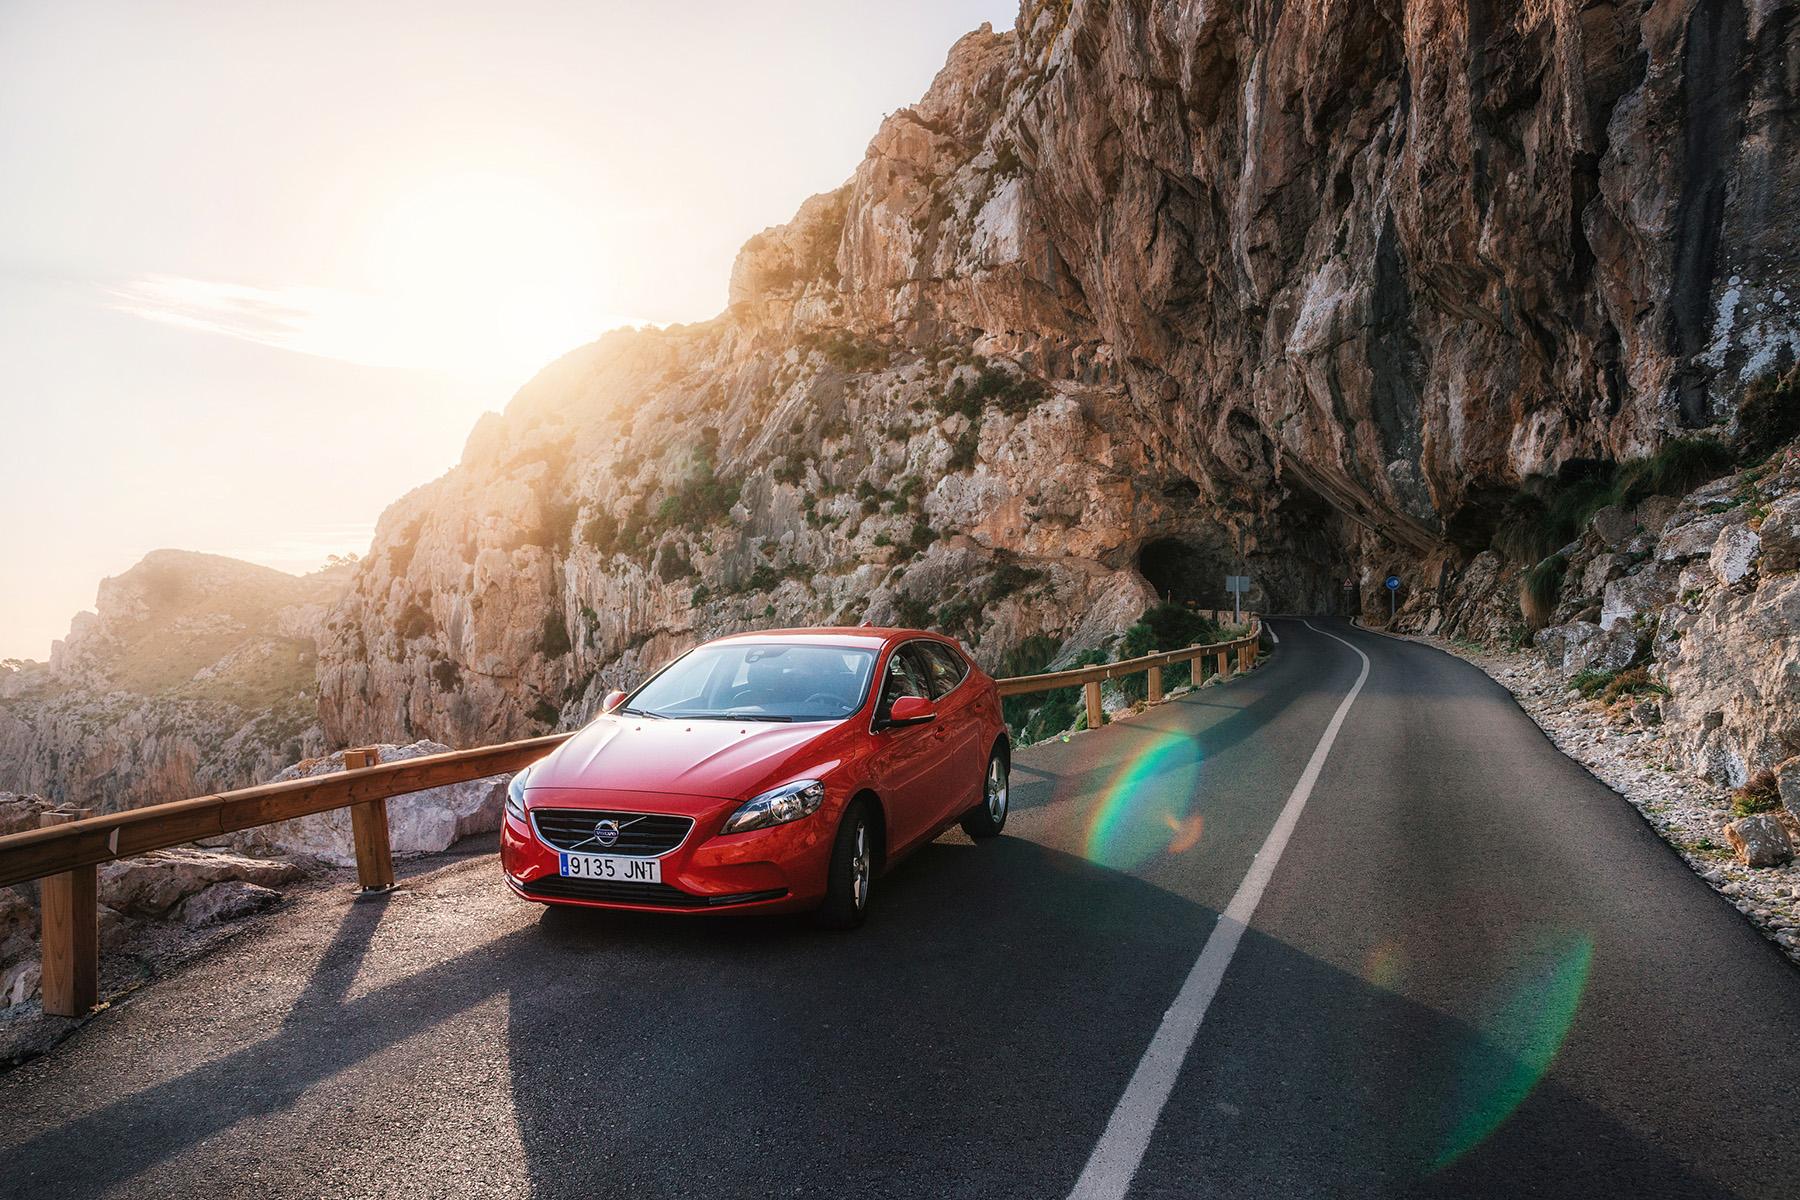 A car driving through the mountains in Mallorca